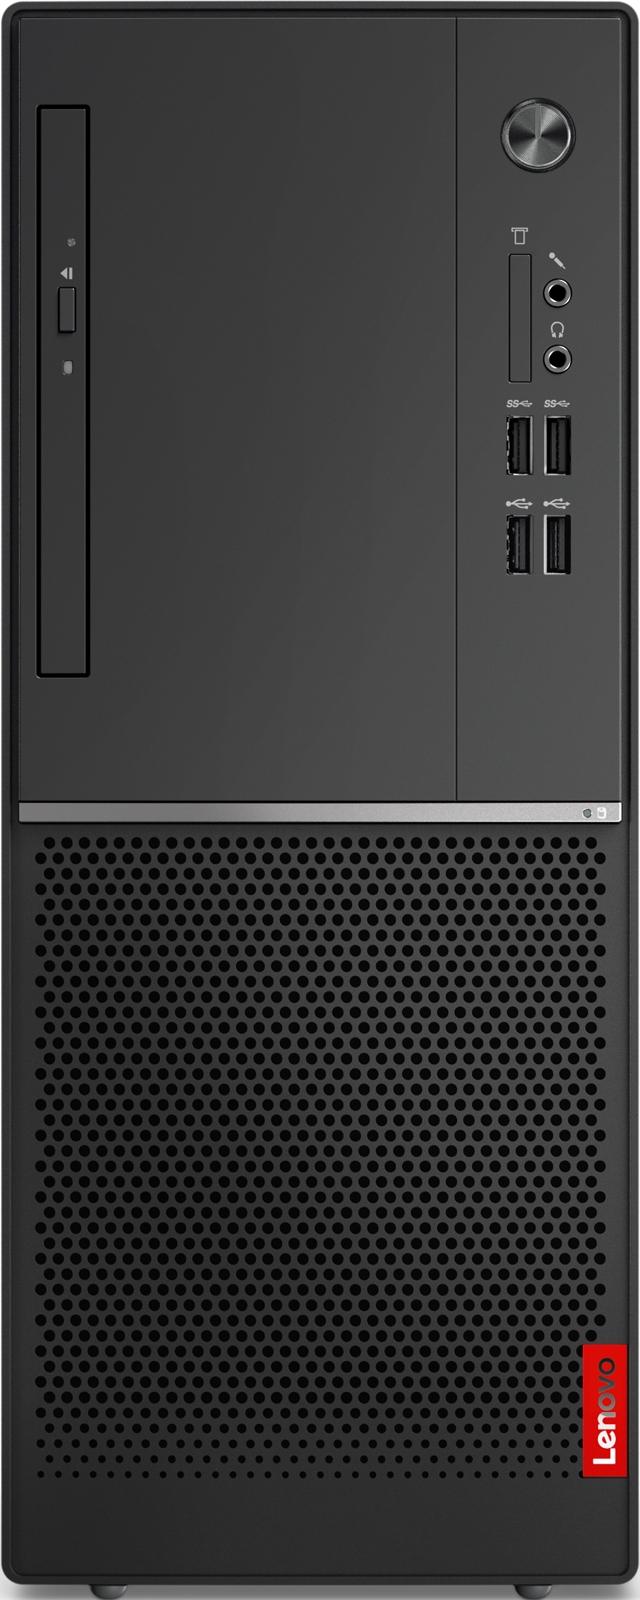 Системный блок Lenovo V330-15IGM MT, 10TS0007RU, черный системный блок dell optiplex 3050 sff i3 6100 3 7ghz 4gb 500gb hd620 dvd rw linux клавиатура мышь черный 3050 0405